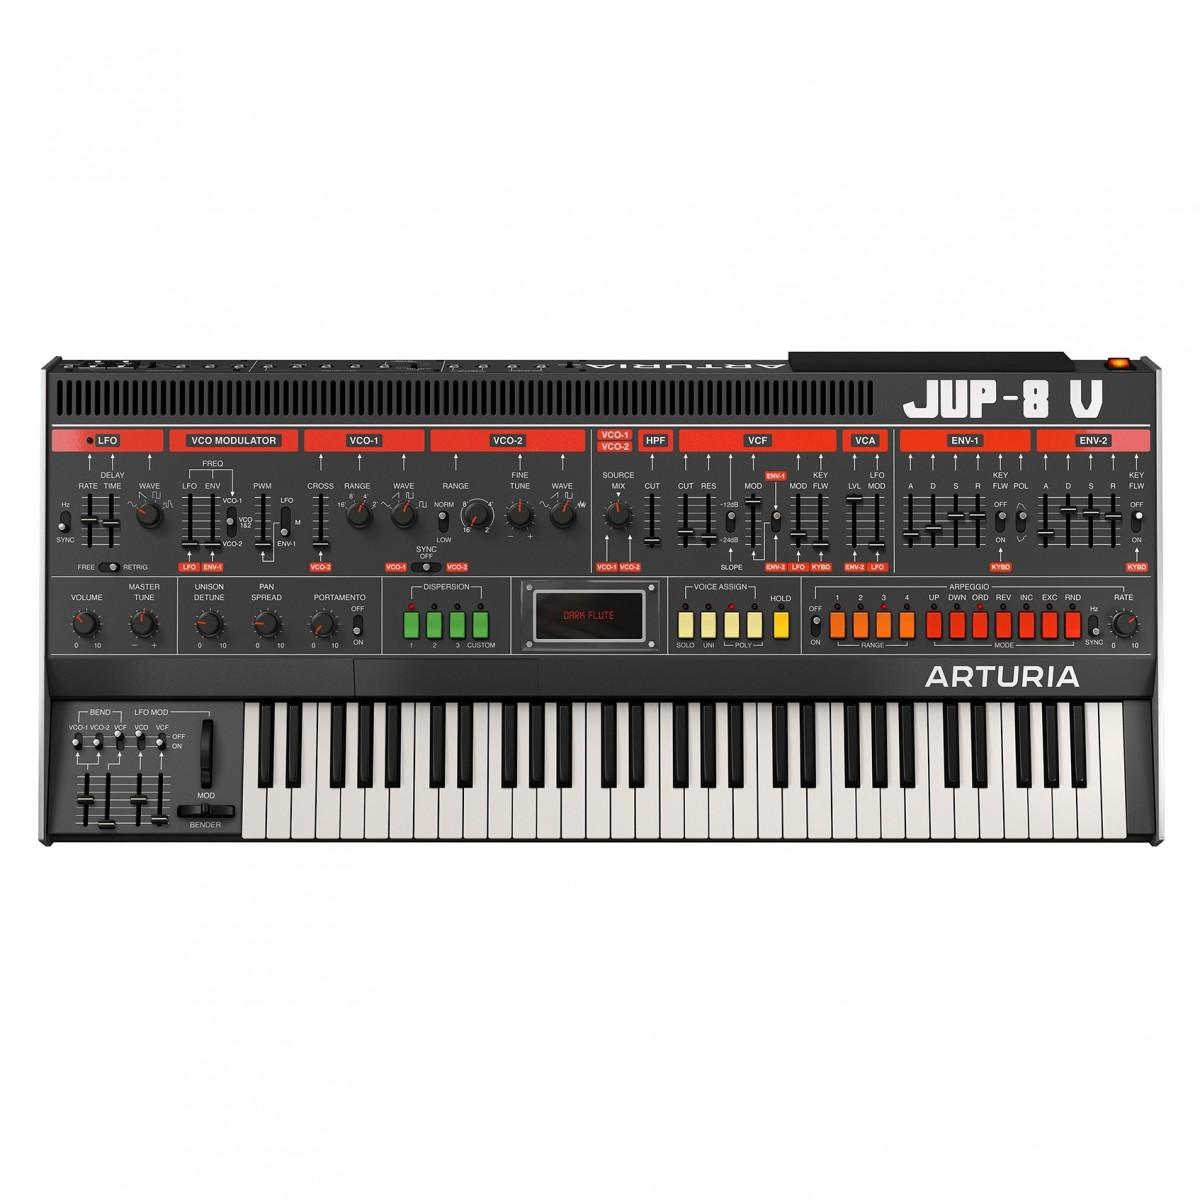 Jup-8 V4